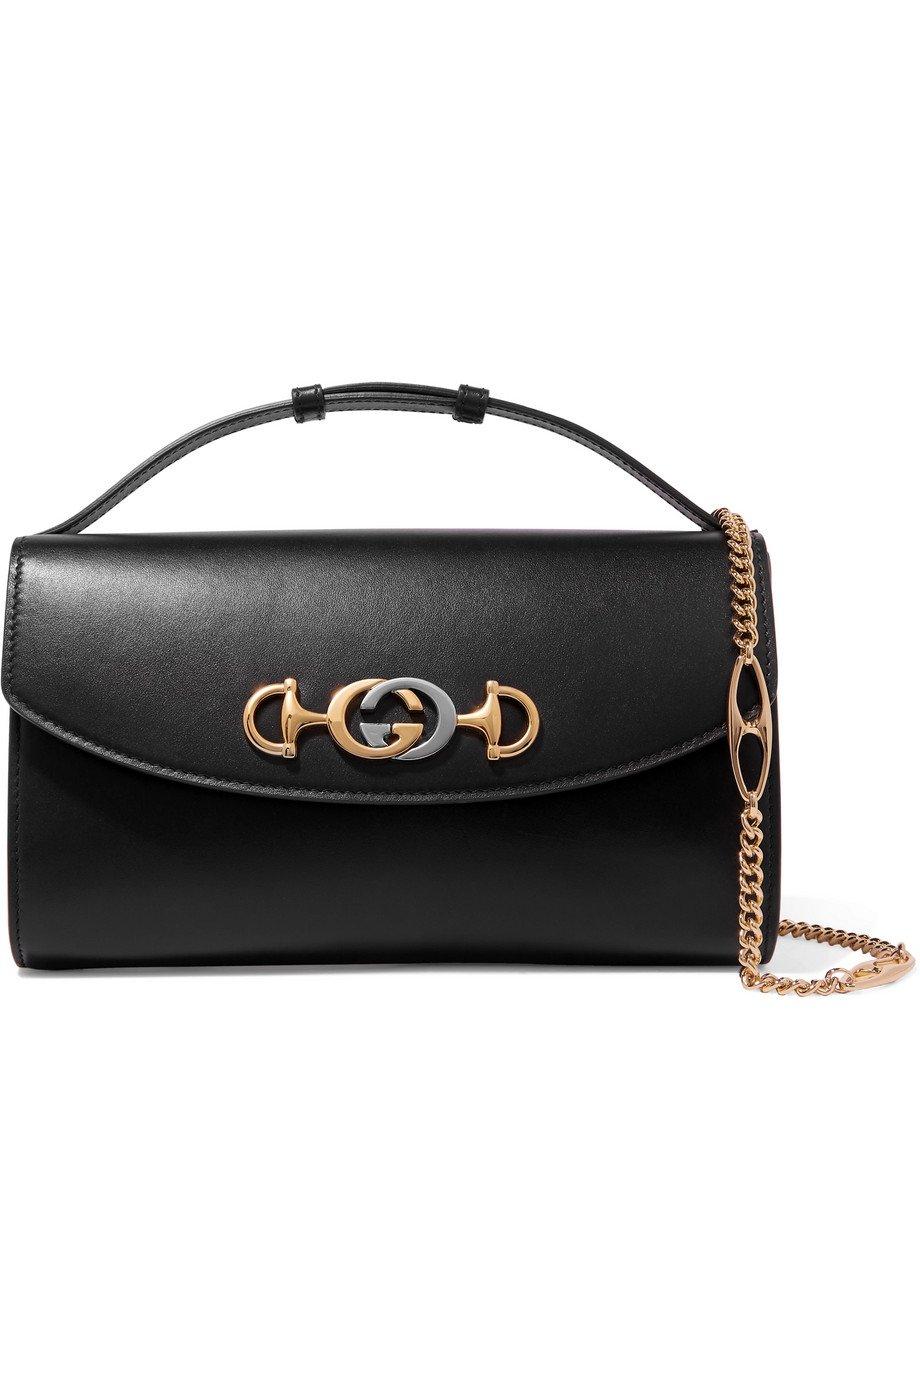 Gucci | Zumi small embellished leather shoulder bag | NET-A-PORTER.COM